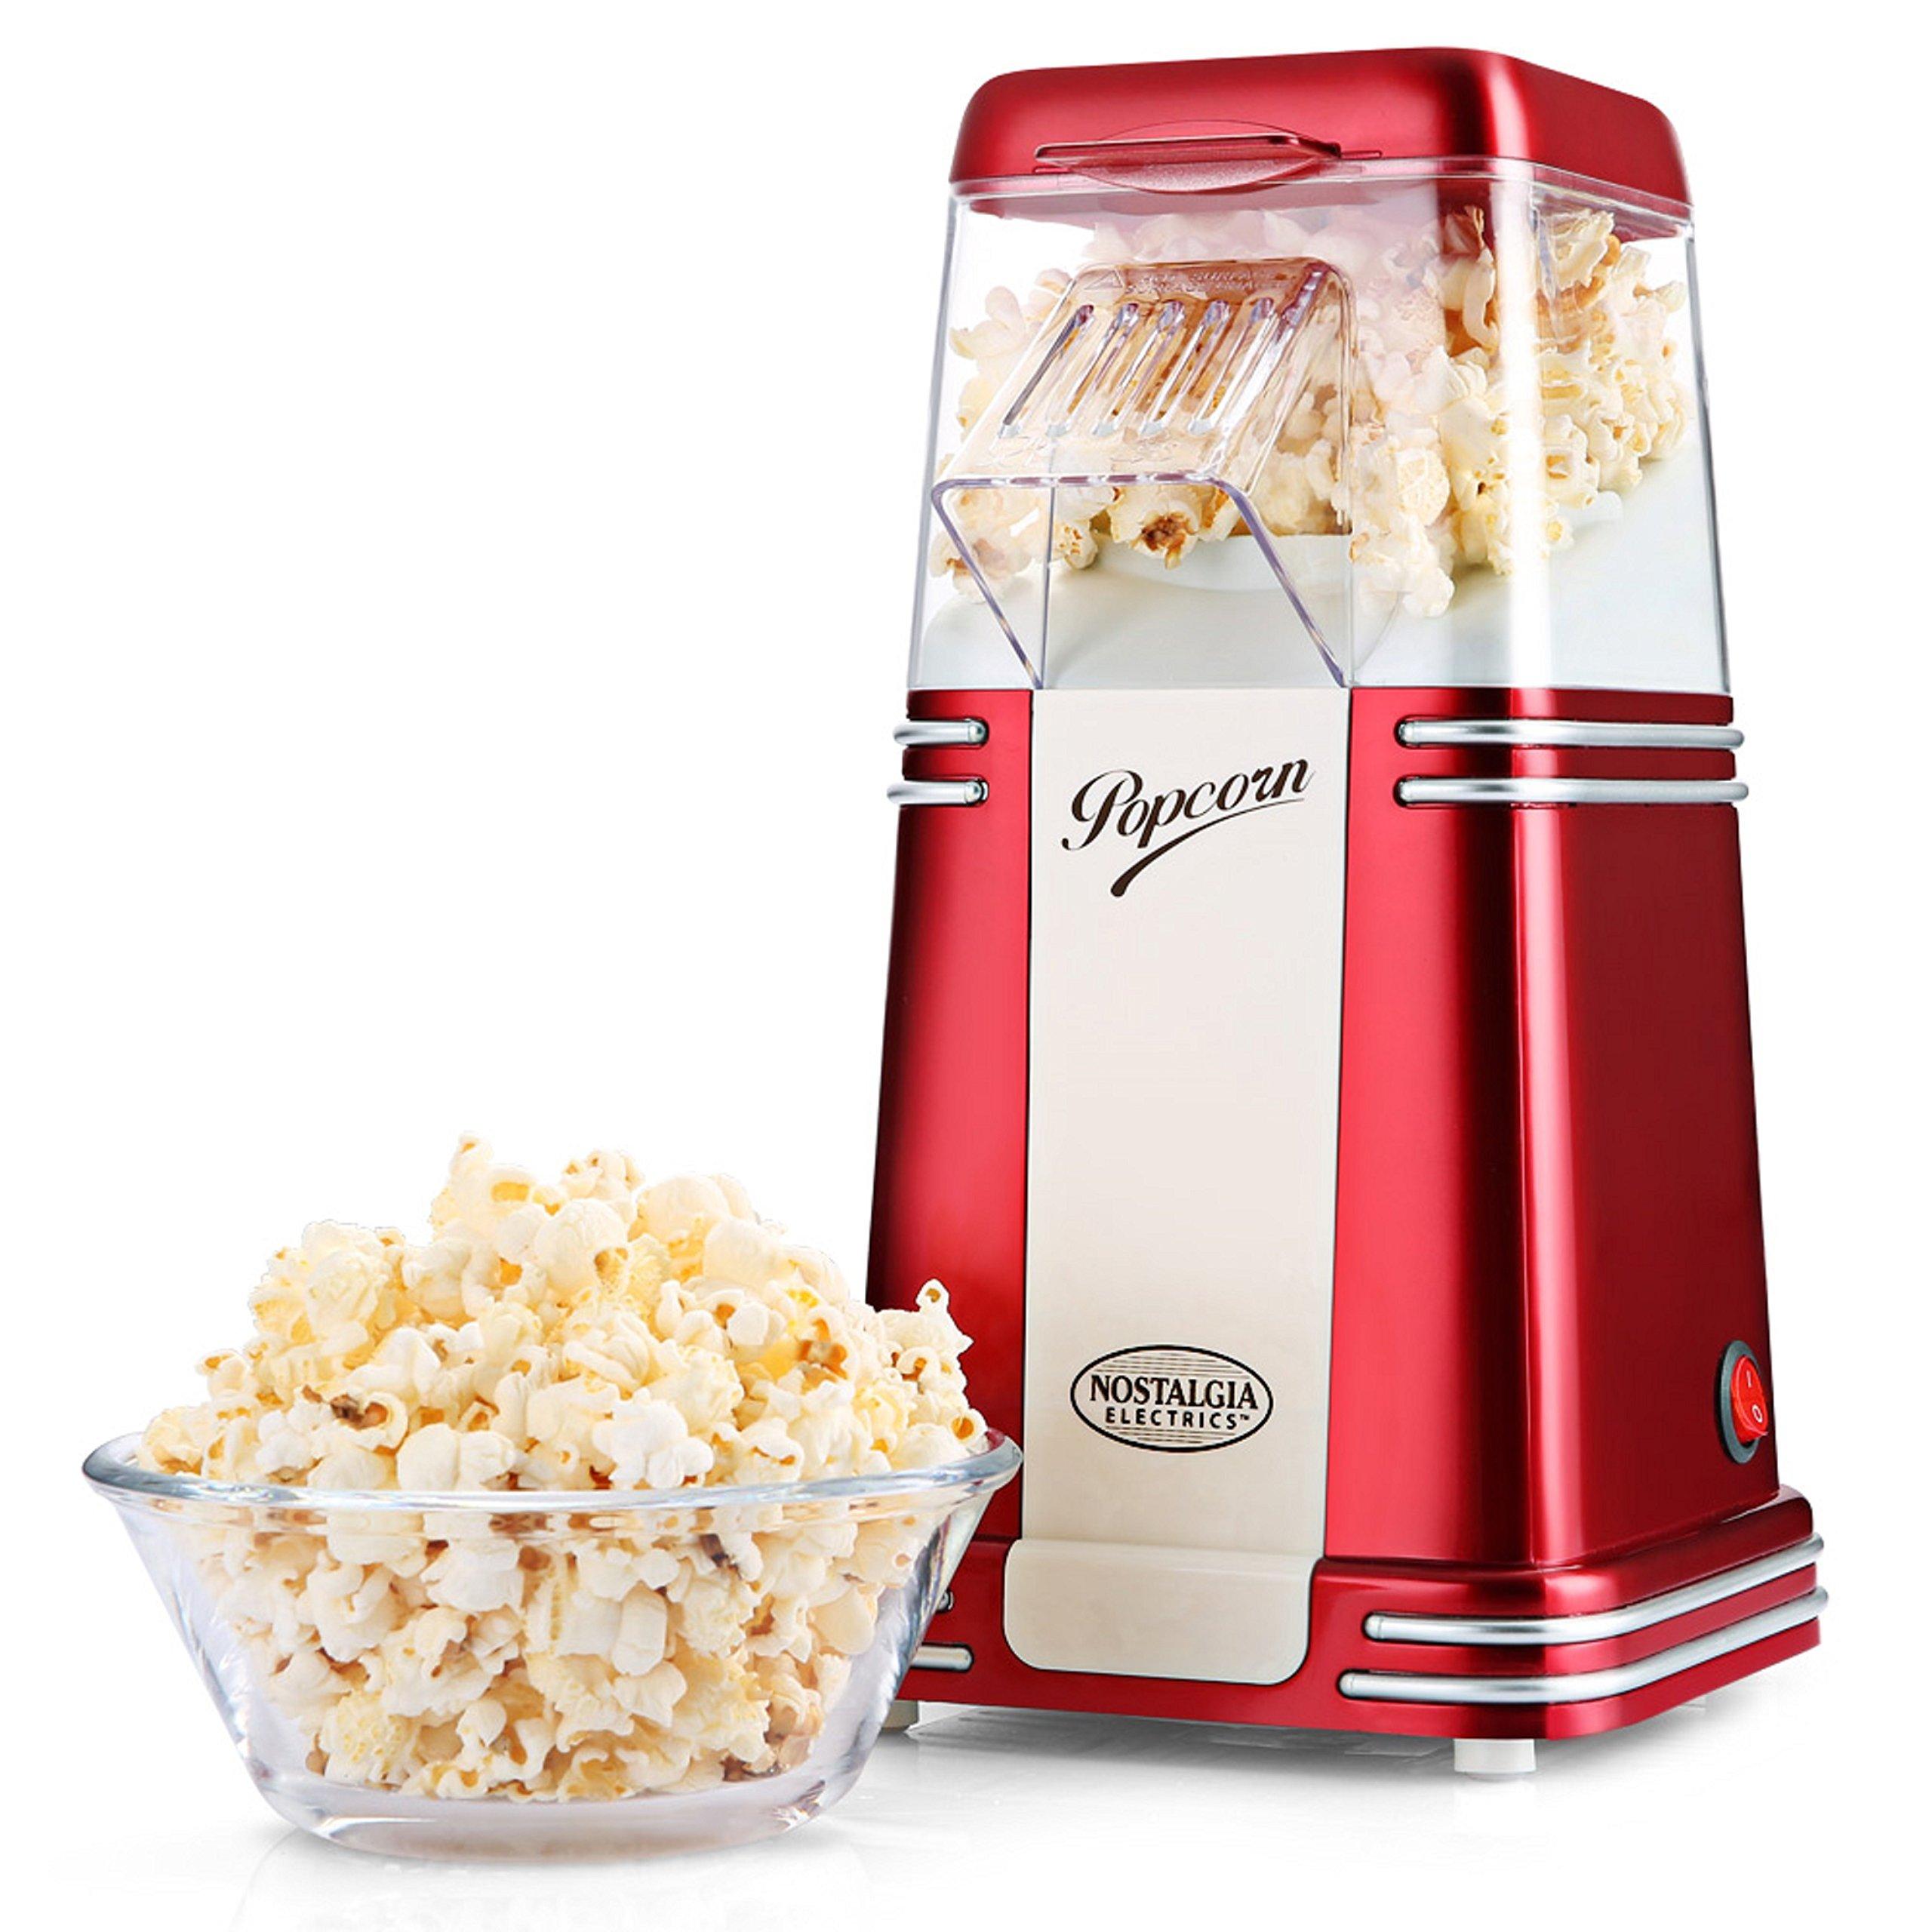 Palomitero Máquina de Palomitas Nostalgia 100% Libre de aceite para hacer popcorn, saludable, Fácil de limpiar, popcorn maker, Rojo: Amazon.es: Hogar